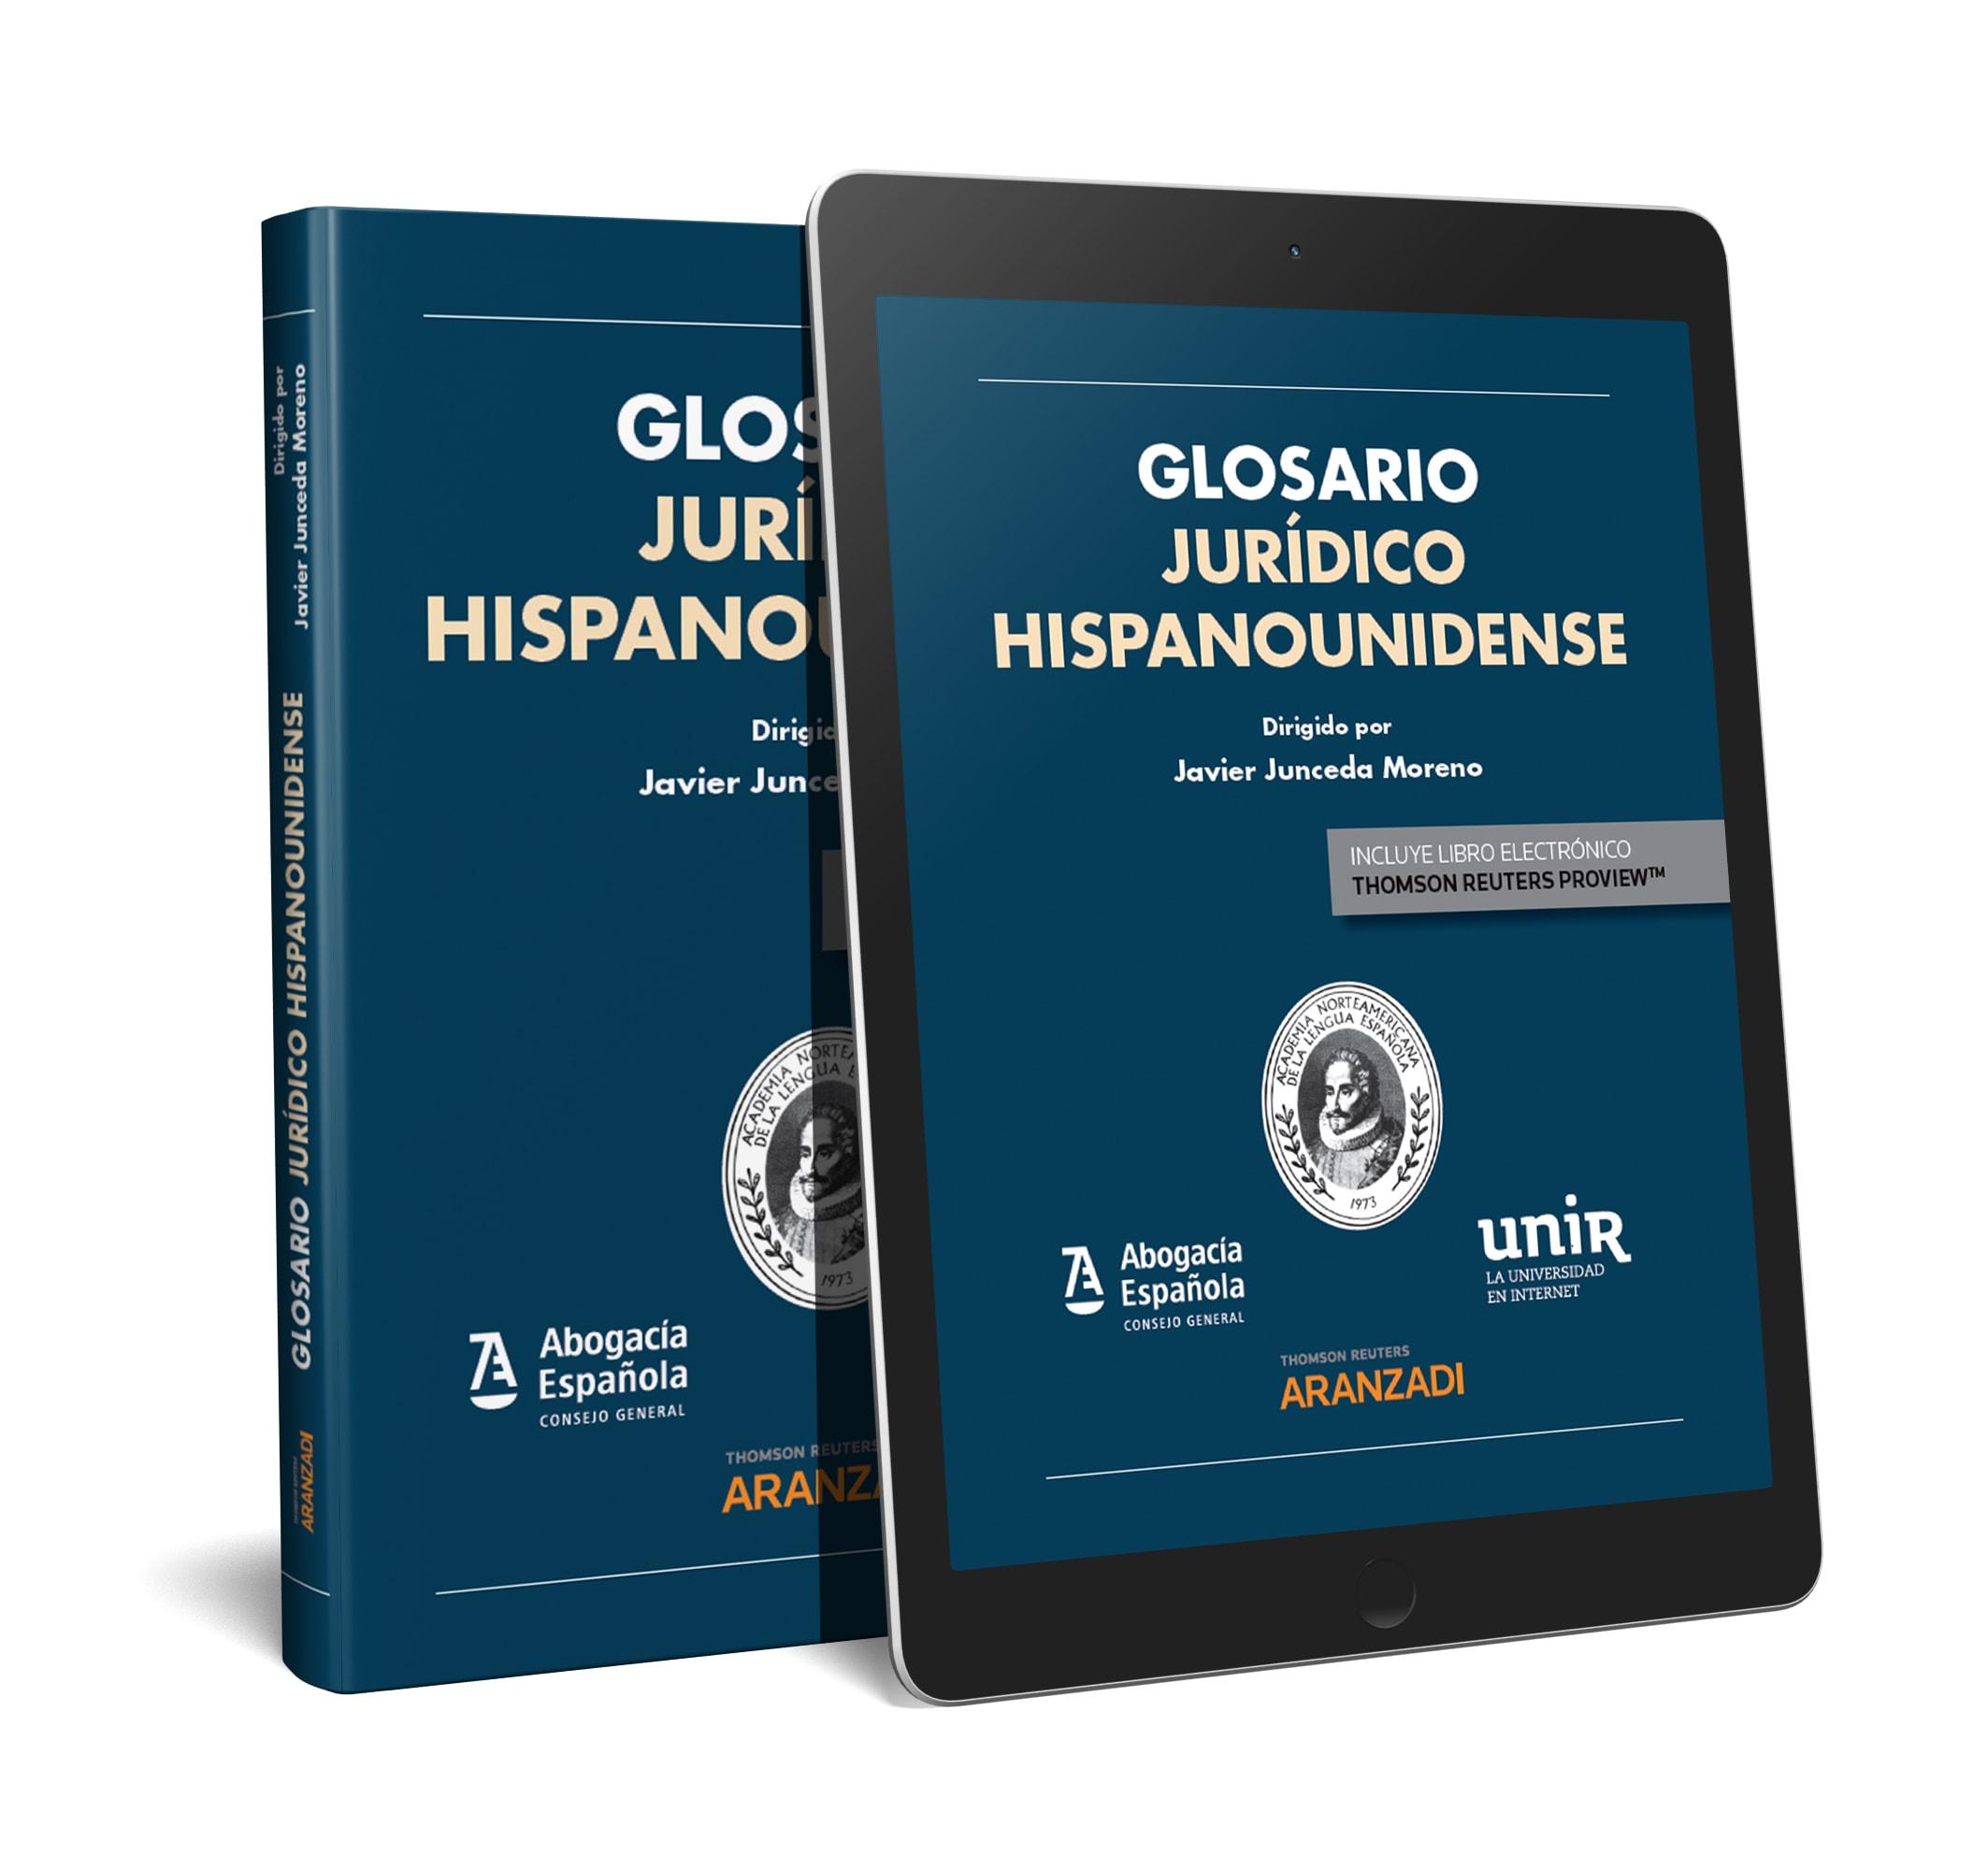 GLOSARIO JURÍDICO HISPANOUNIDENSE (DÚO)